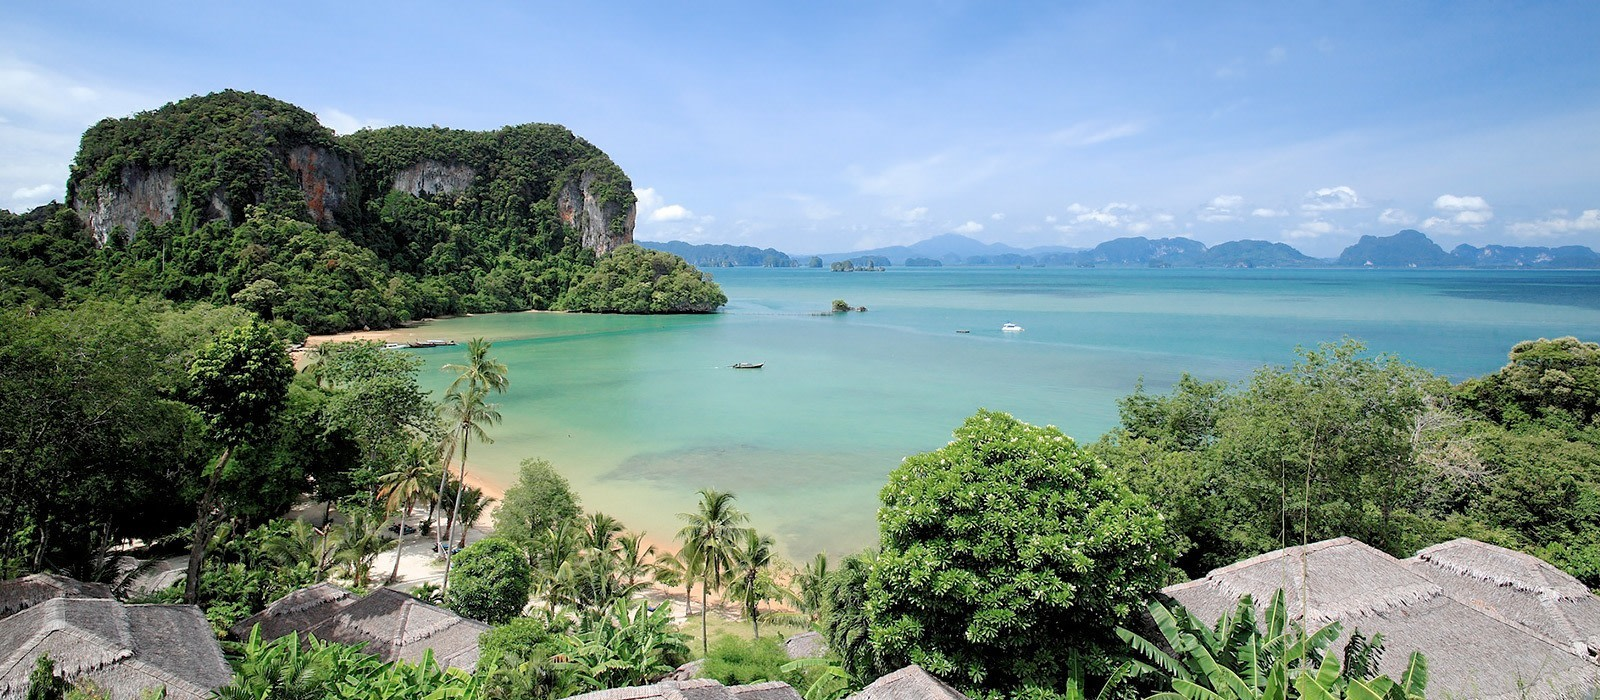 Reiseziel Koh Yao Noi Thailand